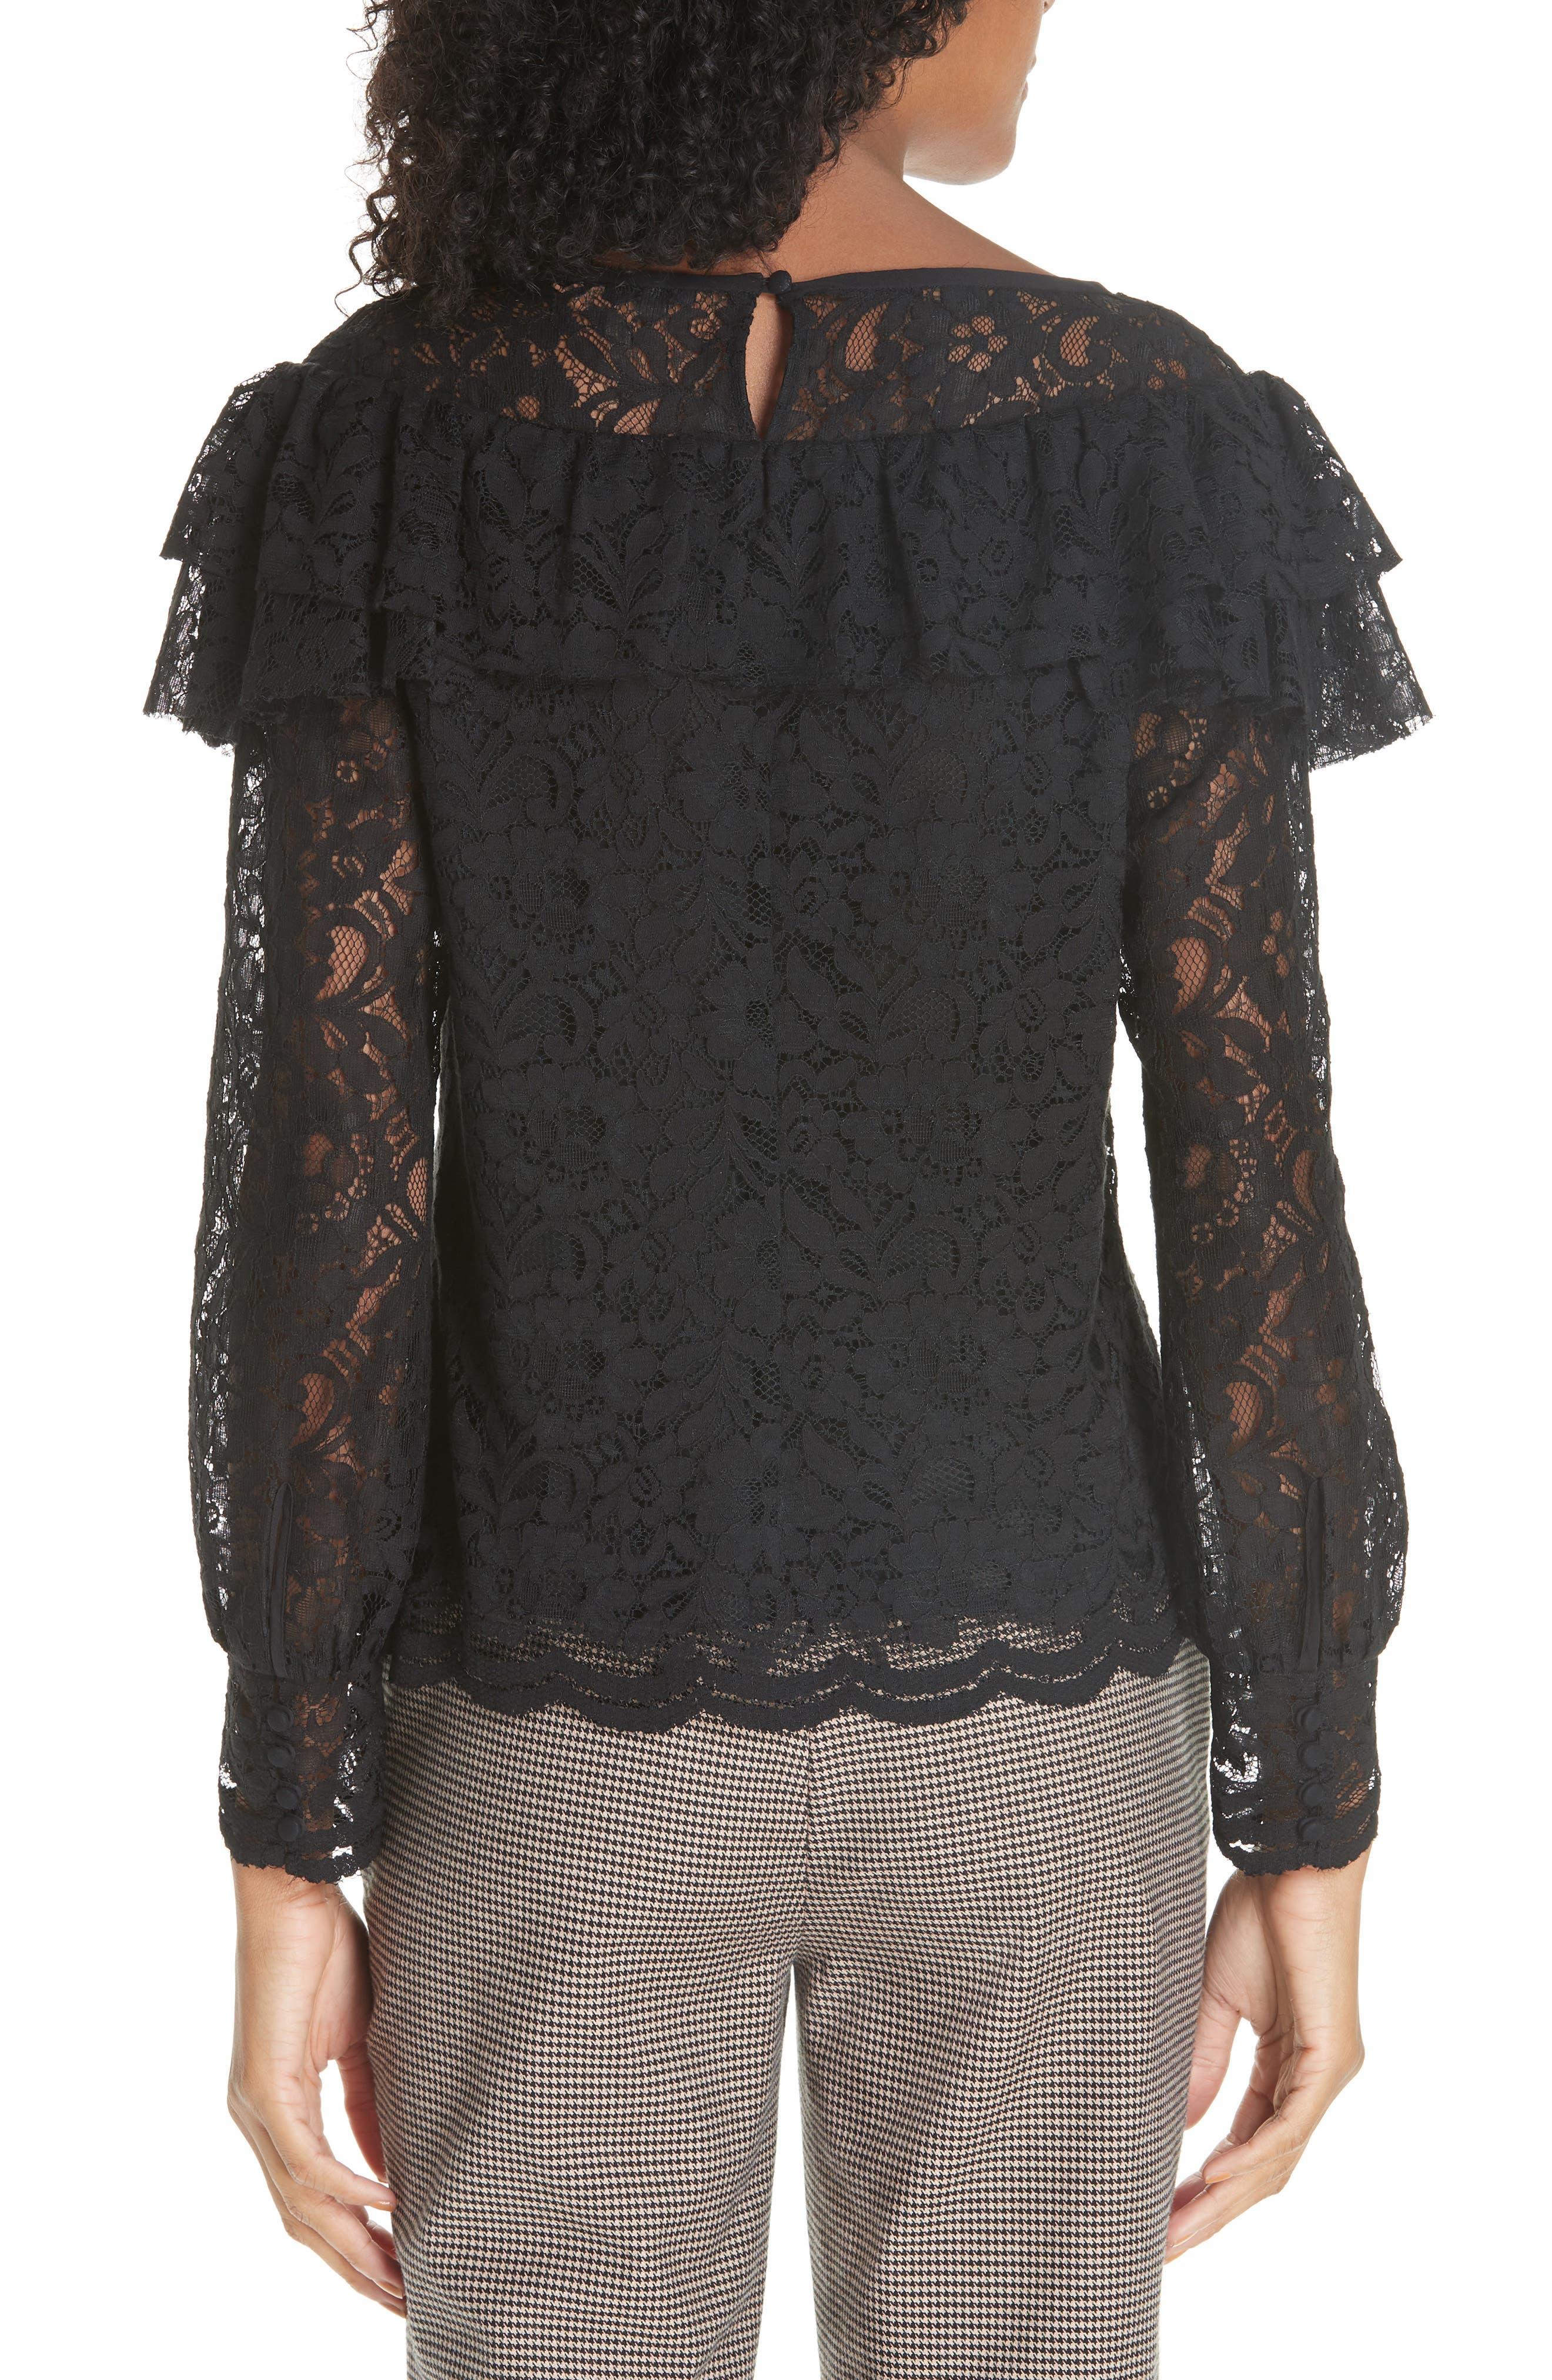 Cotton Blend Lace Ruffle Blouse,                             Alternate thumbnail 2, color,                             001